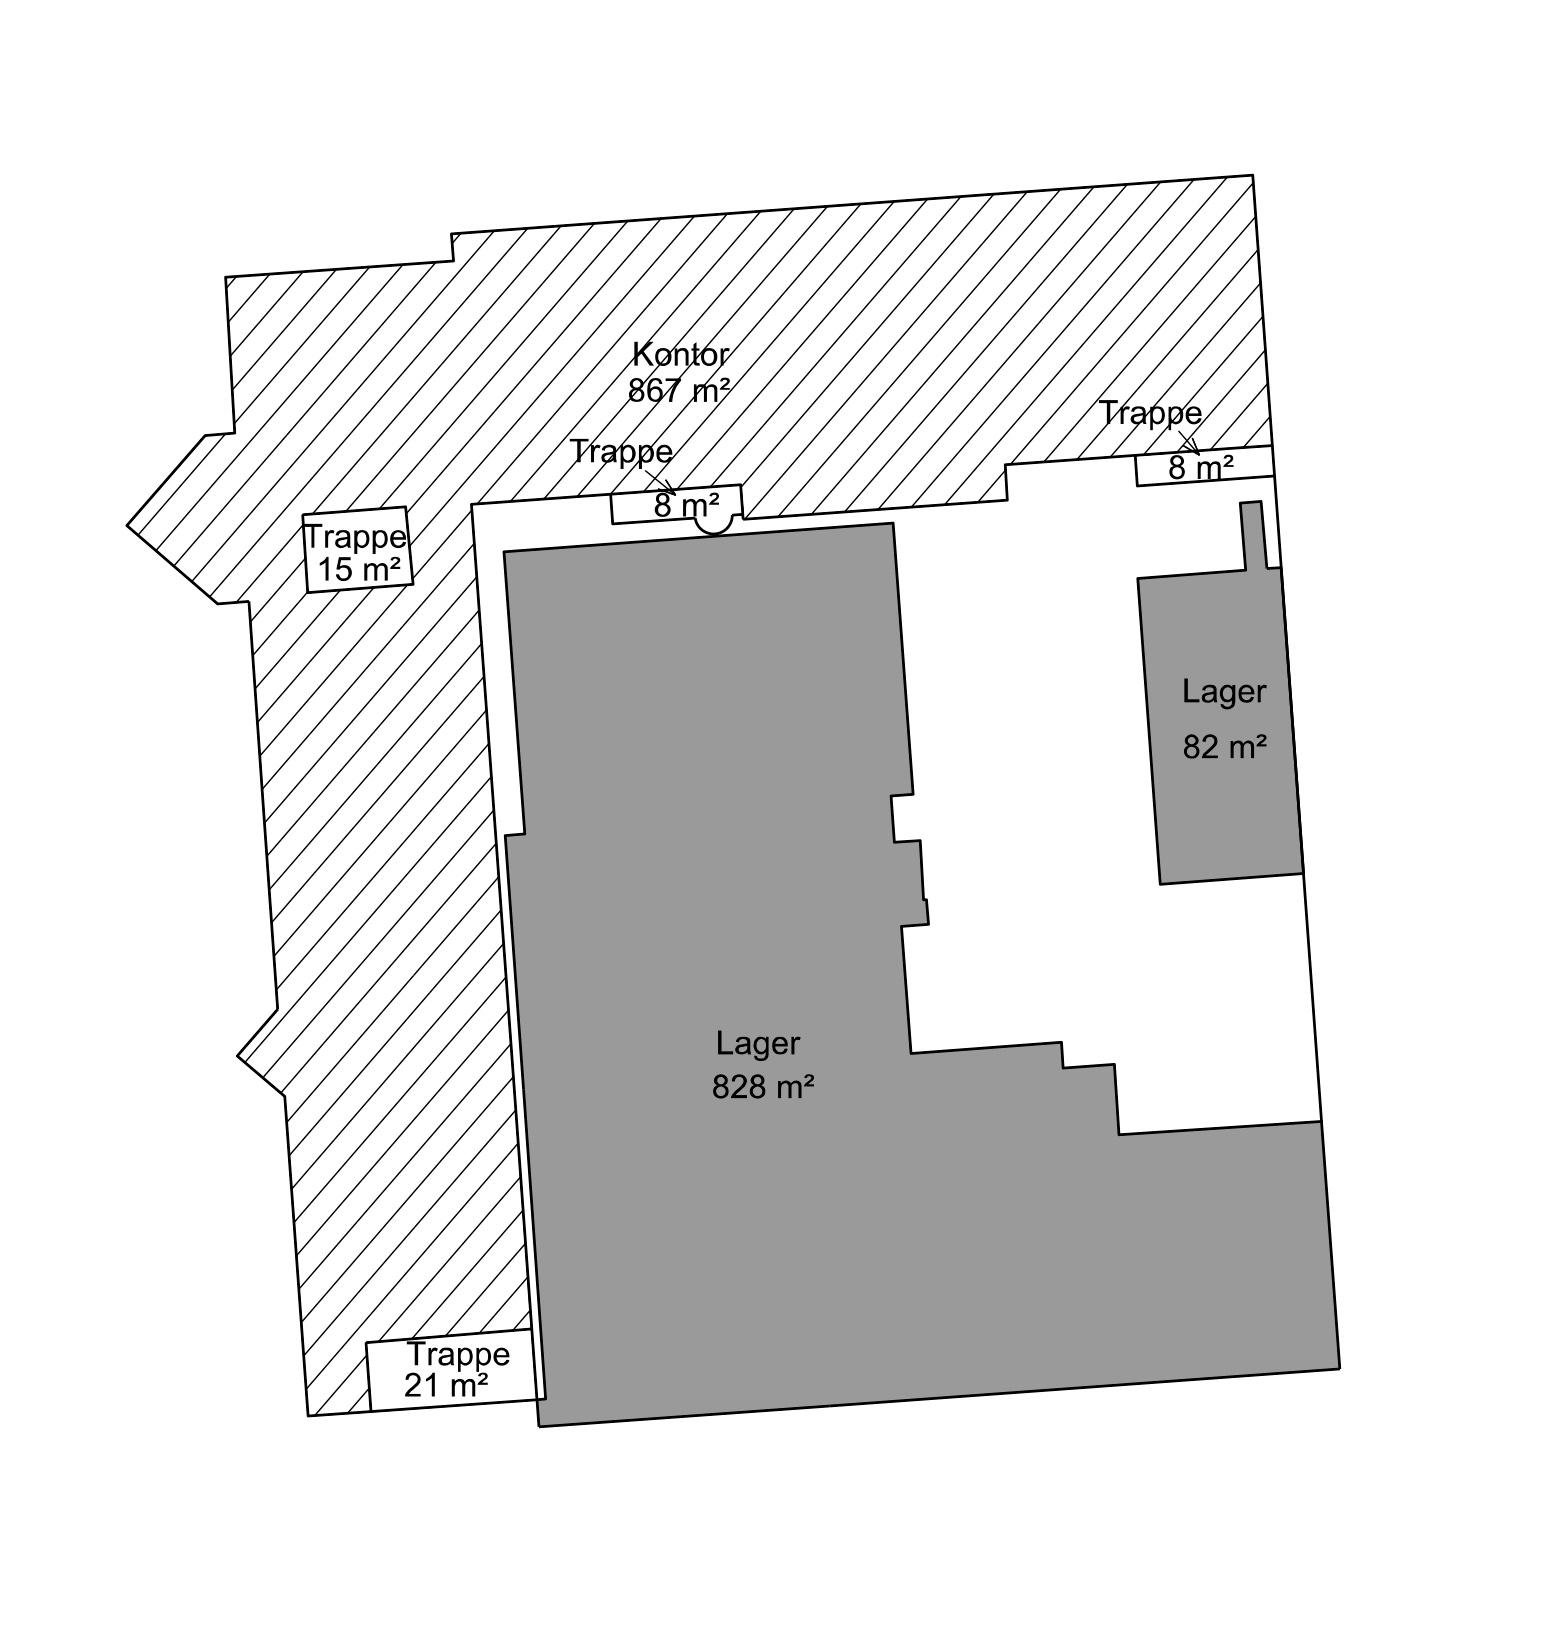 Plantegning - 1. sal - Bygn. 1 - Brandstrupvej 4